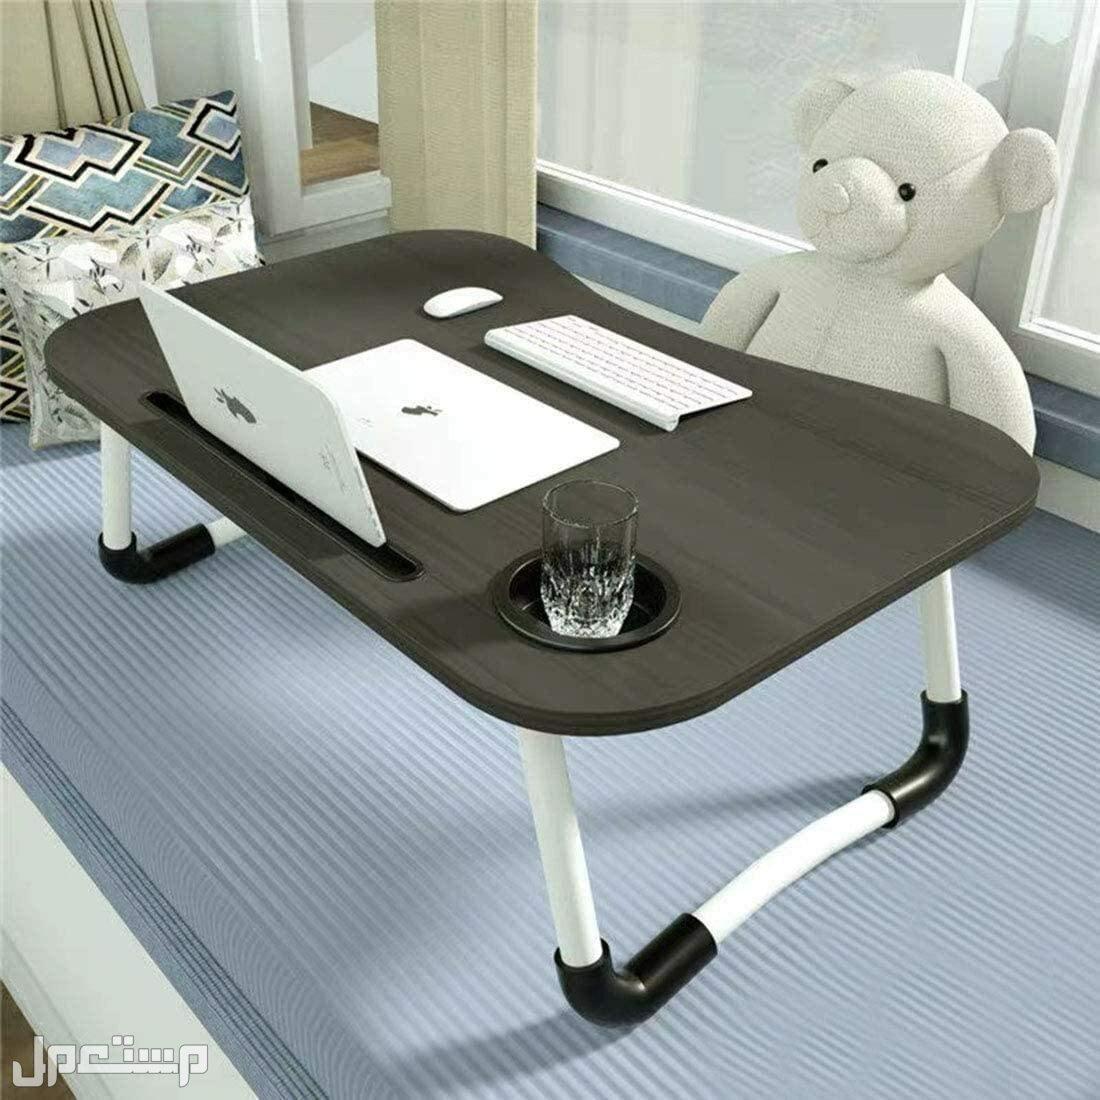 طاولة لاب توب قابلة للطي مكتب صغير مع فتحة لاسناد الايباد وحامل كوب وارجل م